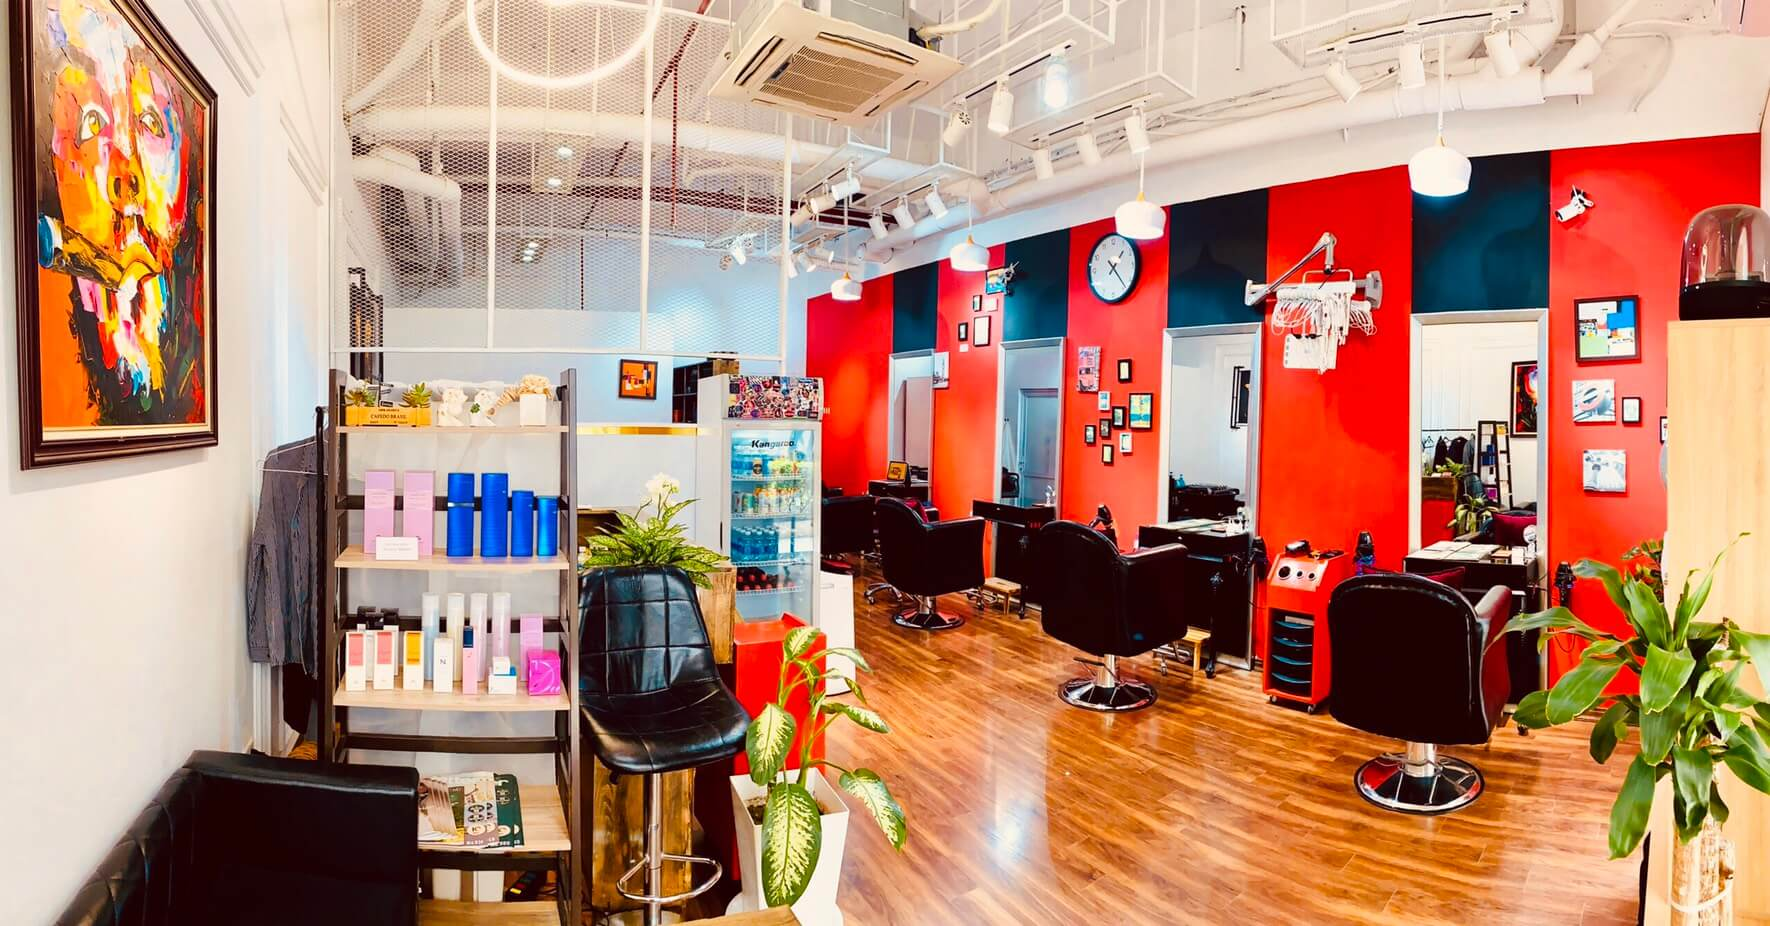 ハノイ,美容室,RAGDOLL,ラグドール,おすすめ,美容院,日本人